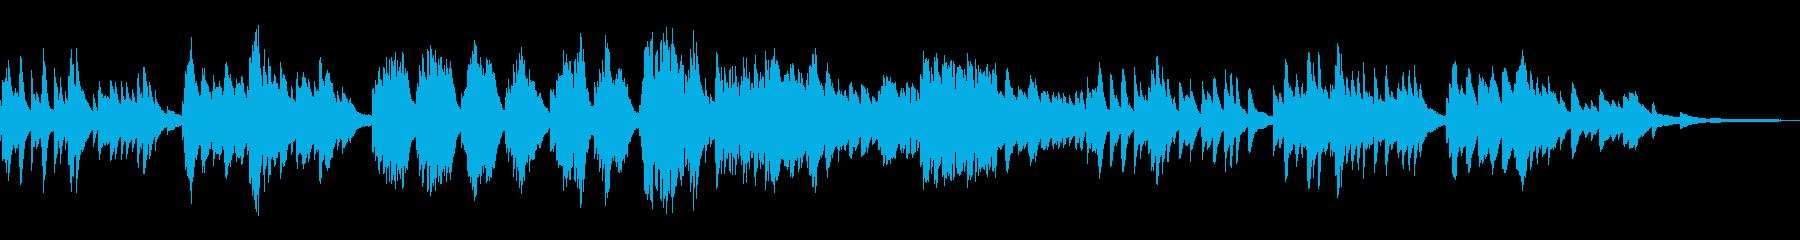 切ないモダンなメロディ和風曲17-ピアノの再生済みの波形